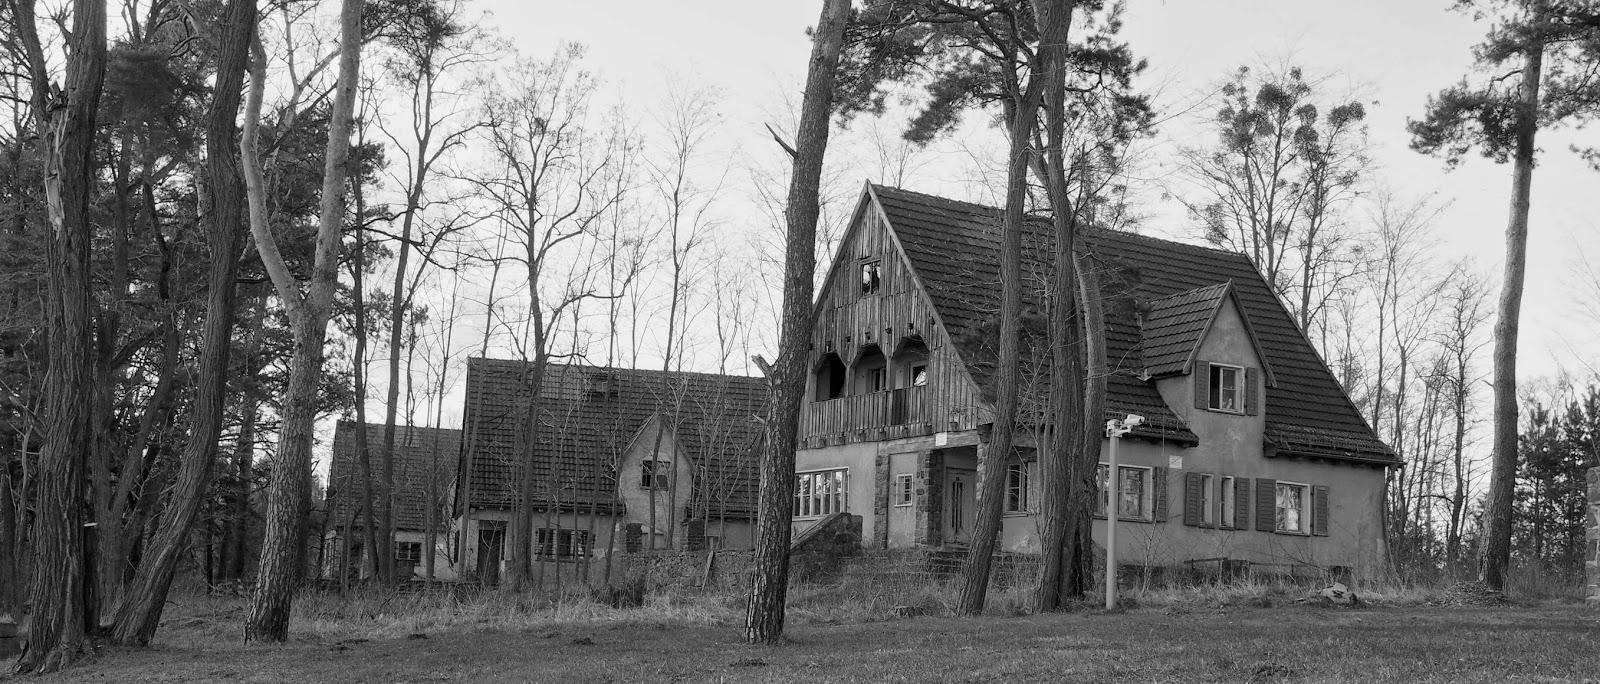 Drei Einfamilienhäuser gebaut für die Lagerführer und ihre Familien.